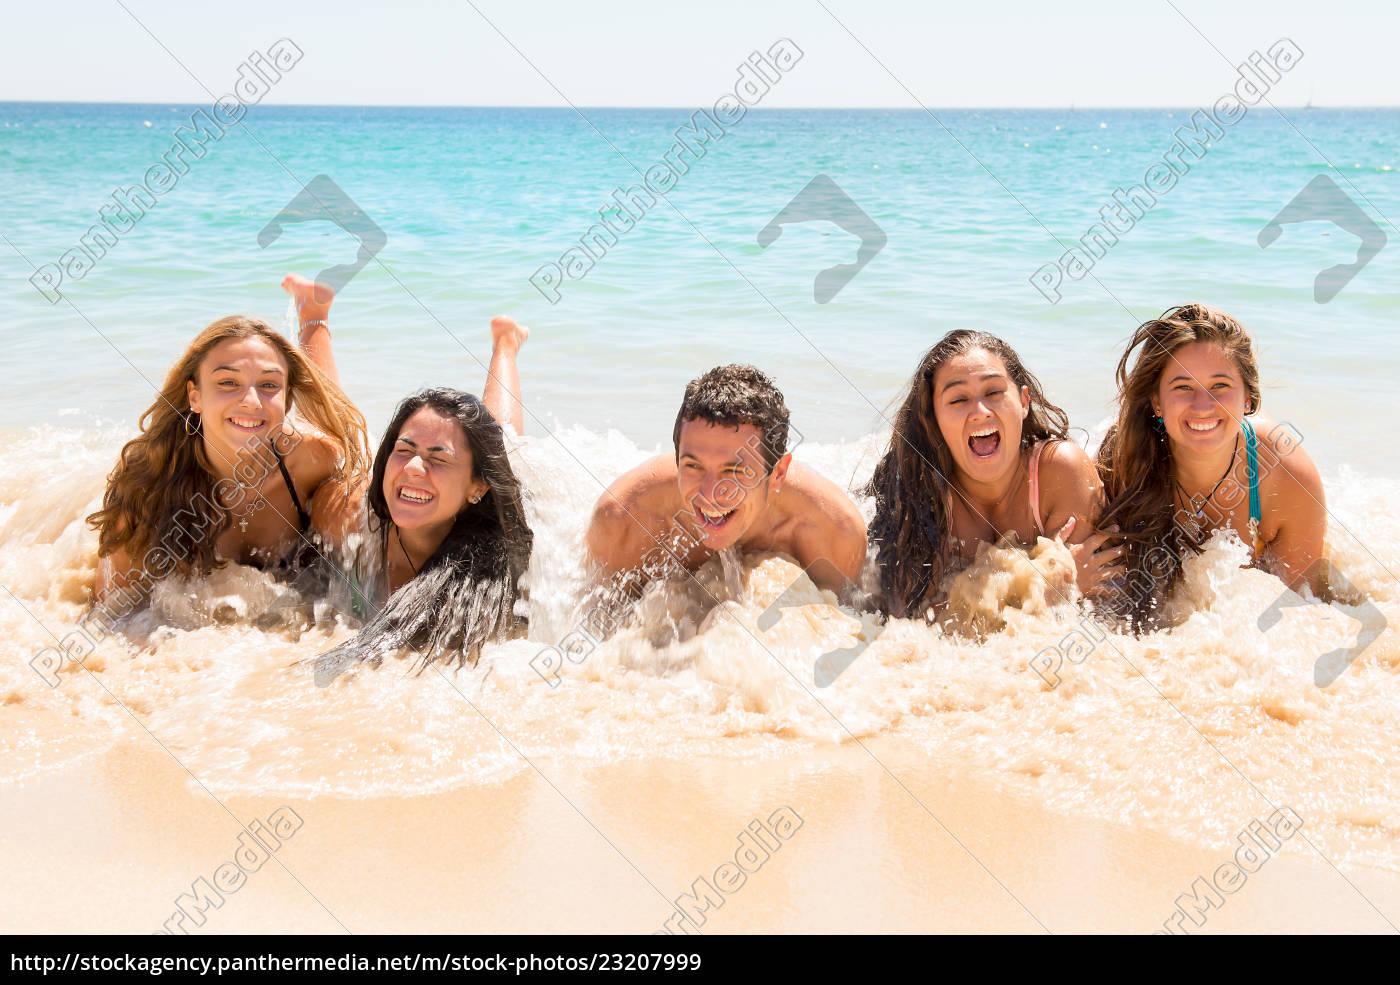 pessoas, se, divertindo, no, mar. - 23207999